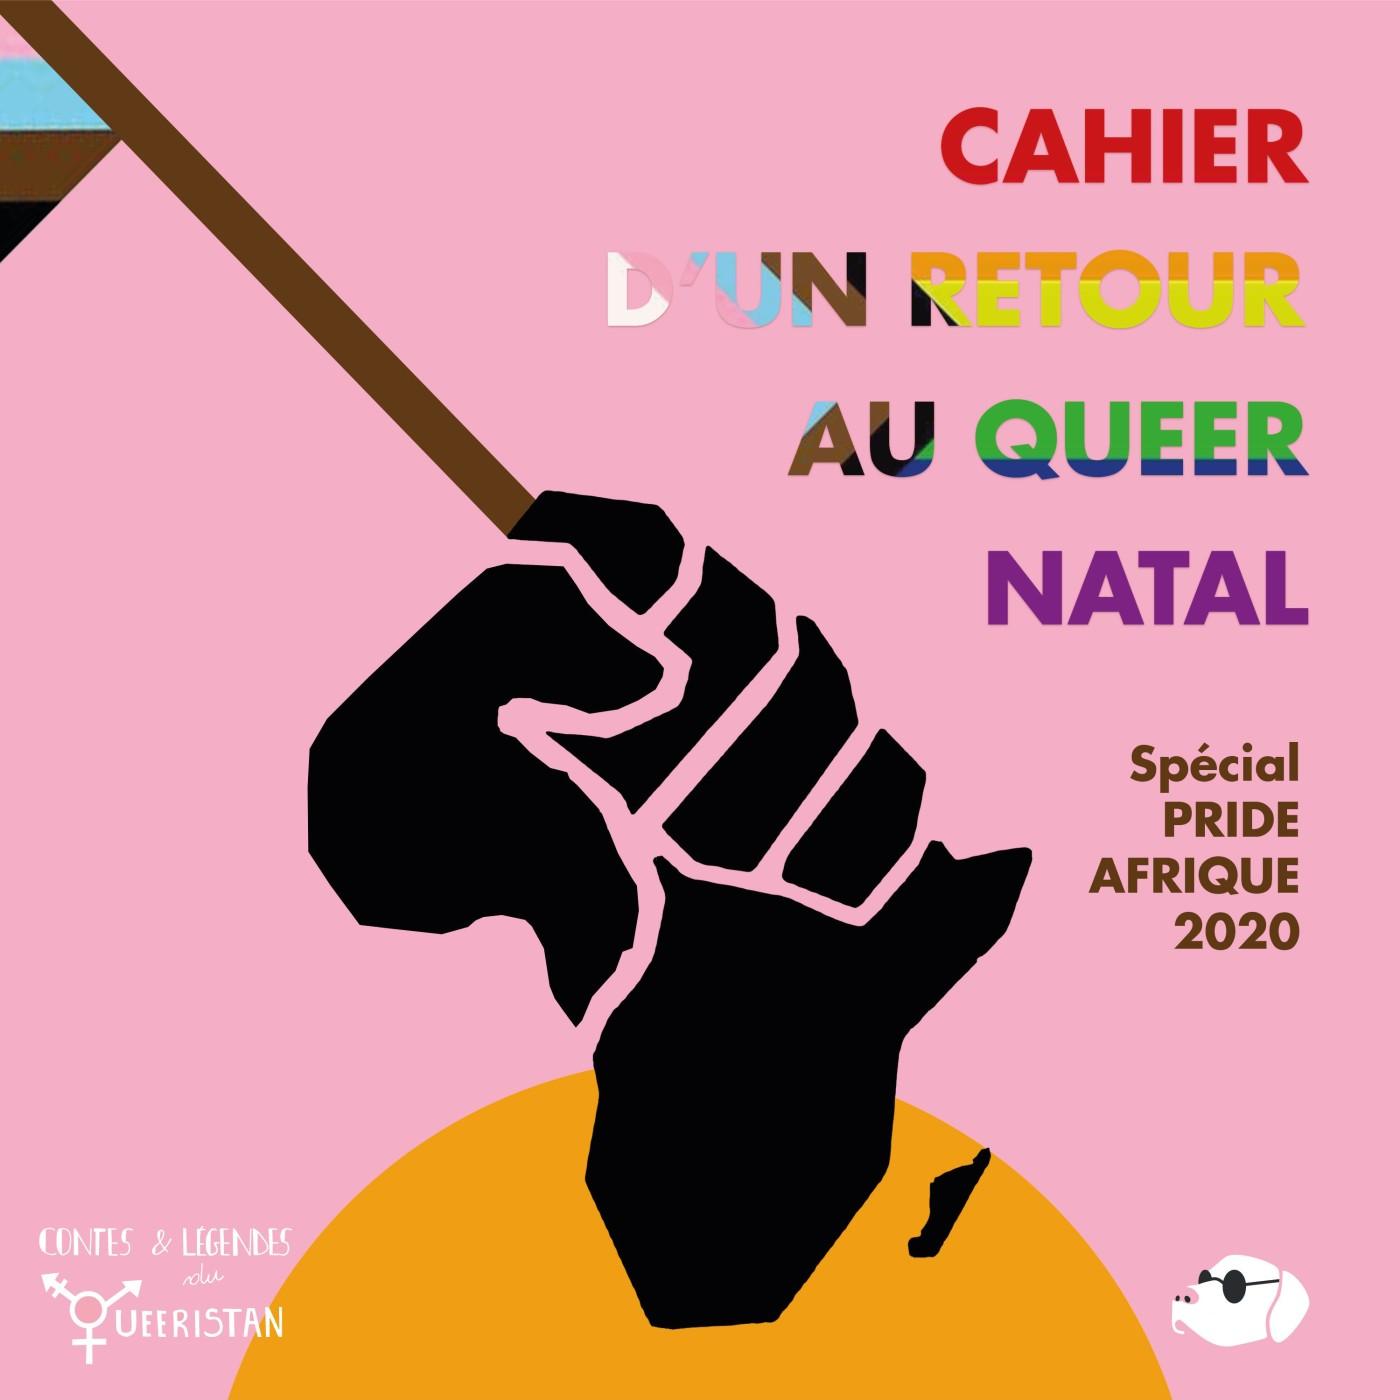 🌍Cahier d'un retour au queer natal (SPÉCIAL PRIDE AFRIQUE 2020)